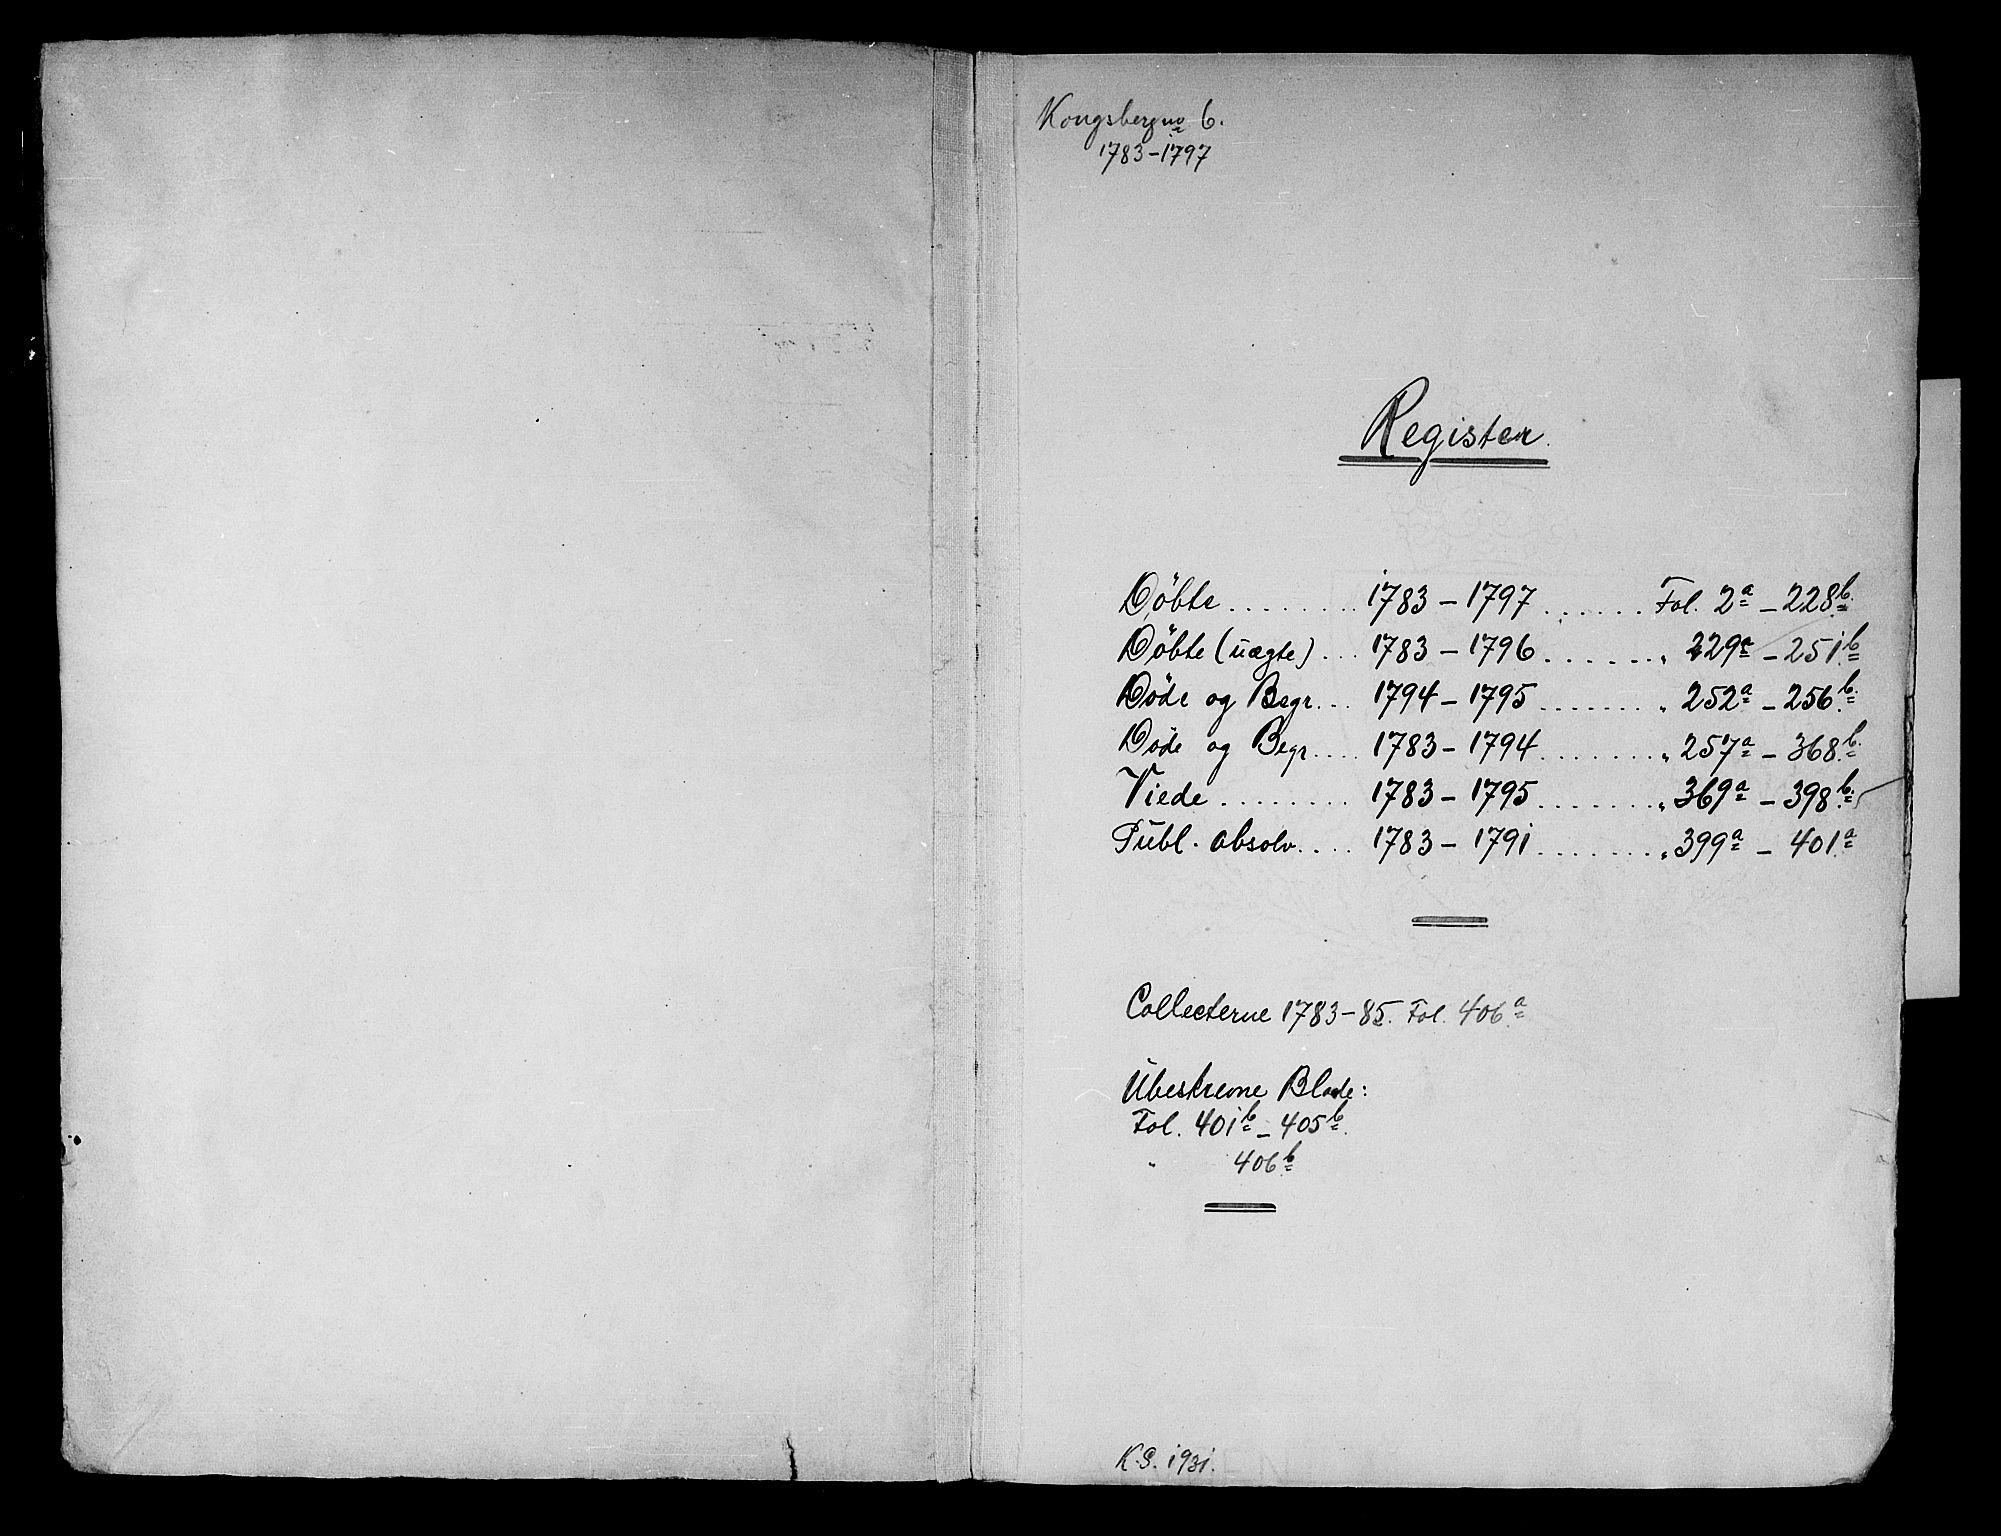 SAKO, Kongsberg kirkebøker, F/Fa/L0006: Ministerialbok nr. I 6, 1783-1797